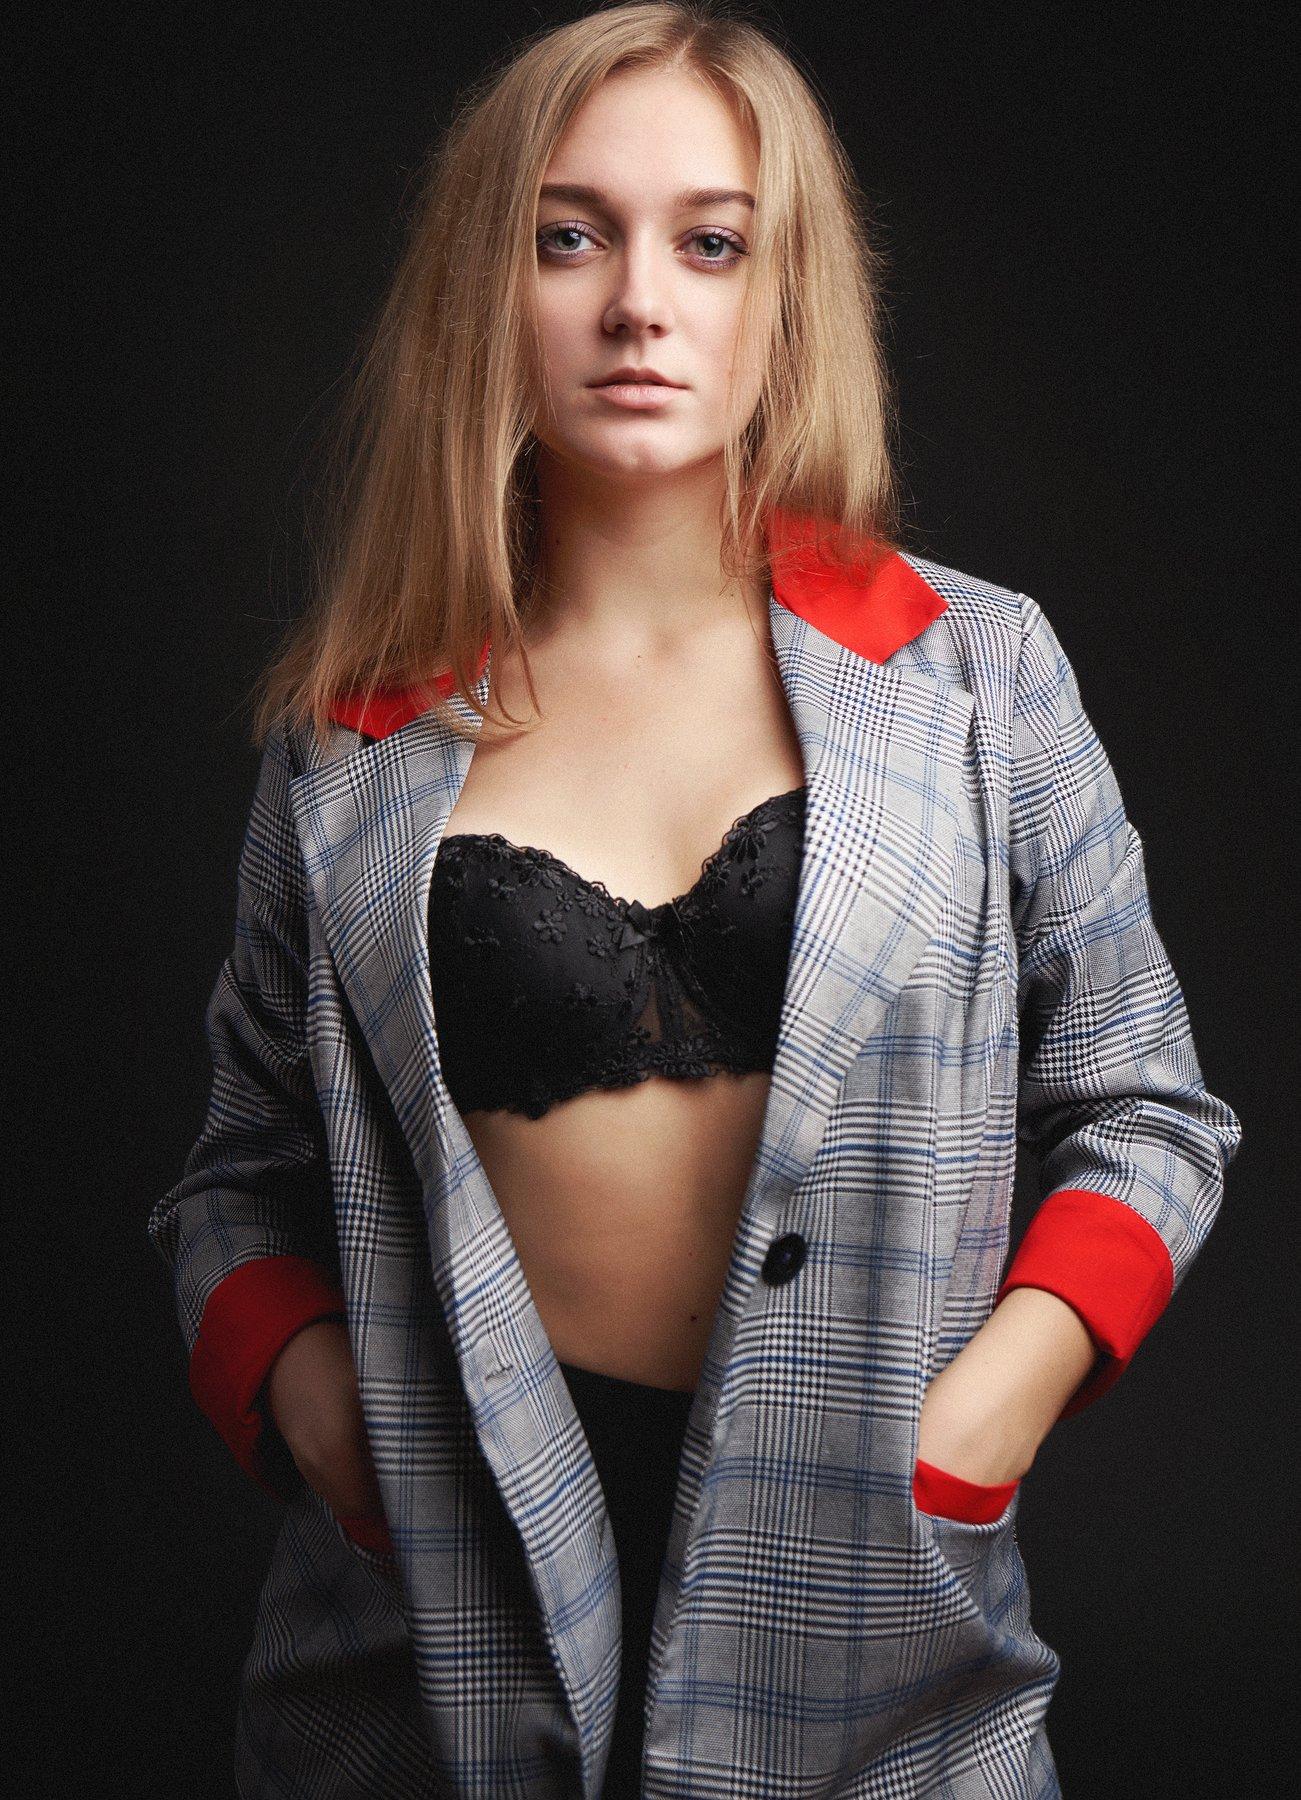 portait, model, girl, портрет, модель, девушка, арт, art, Смотров Андрей